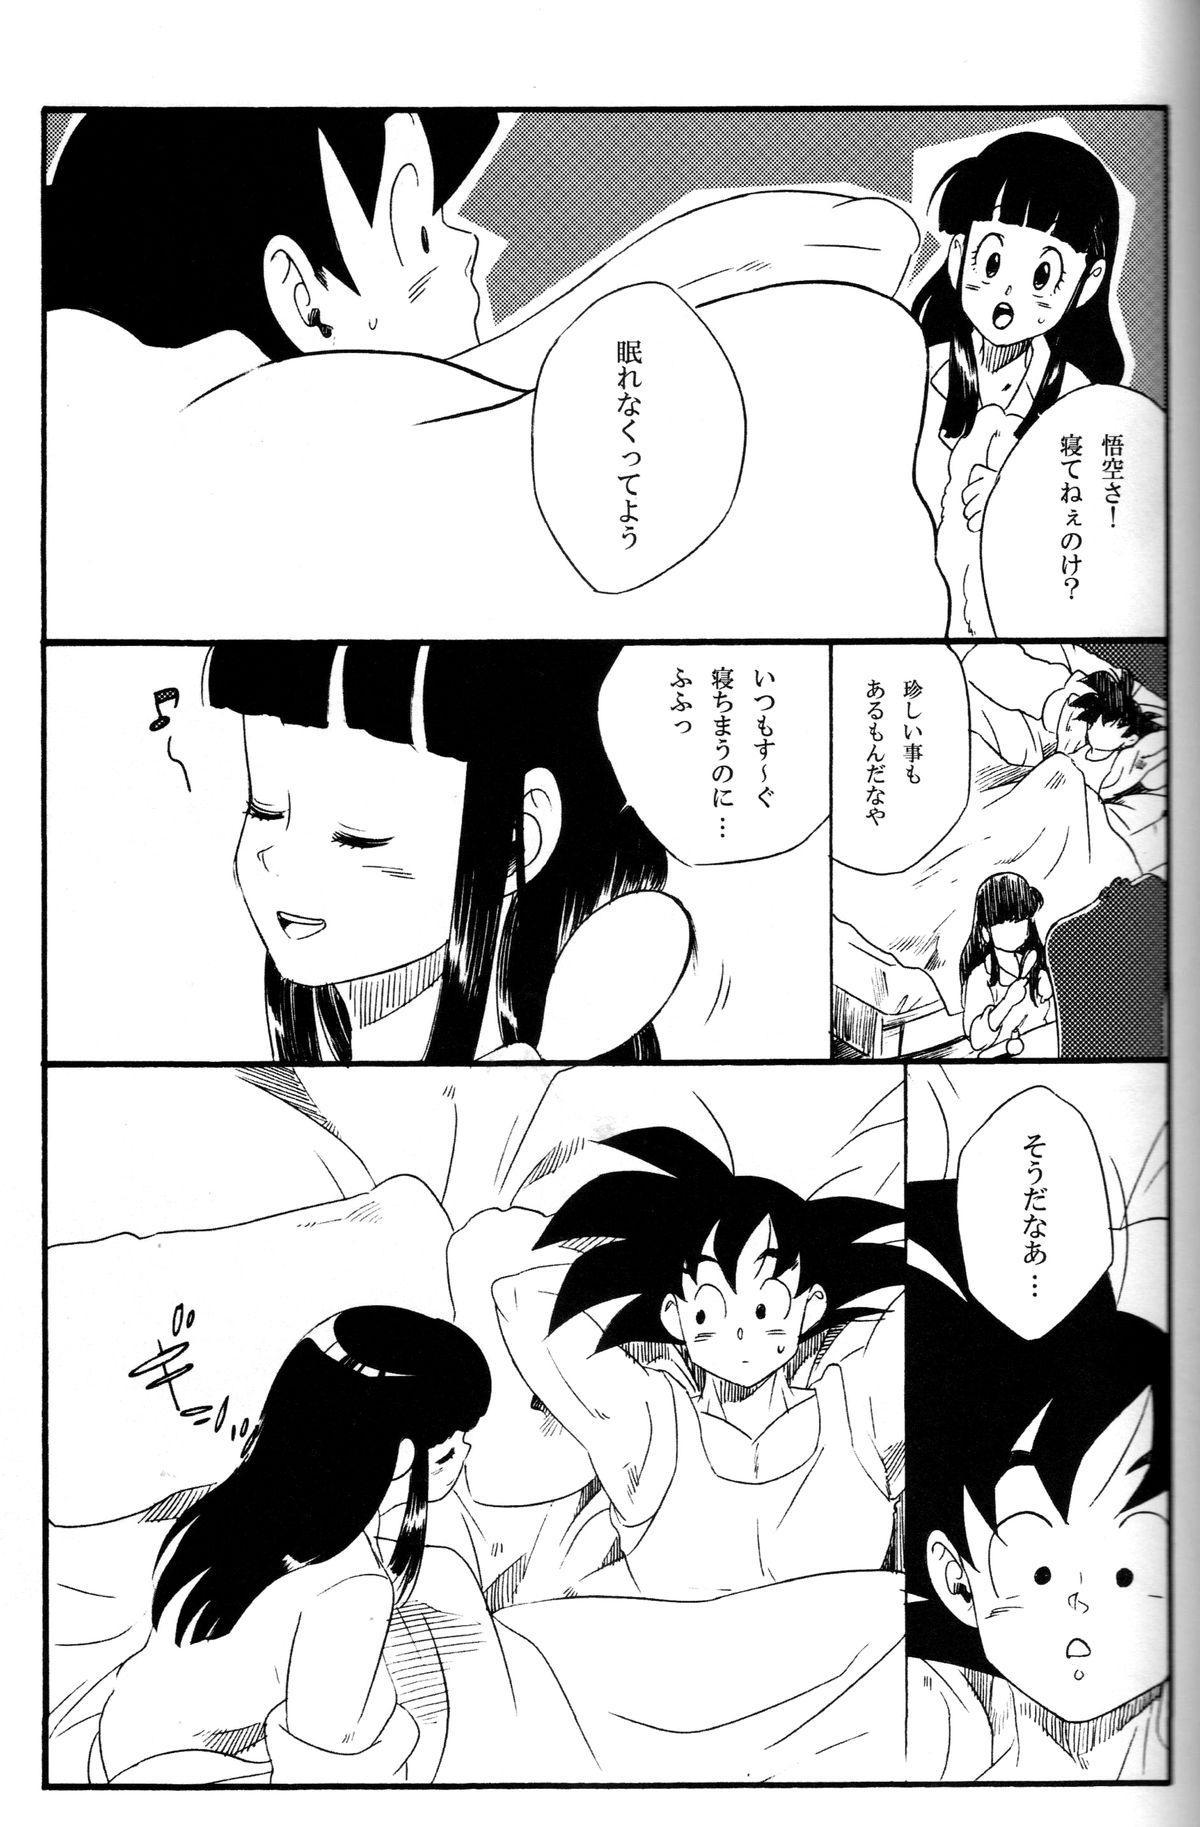 Shinmai Teishu to Koinyobo Z 11